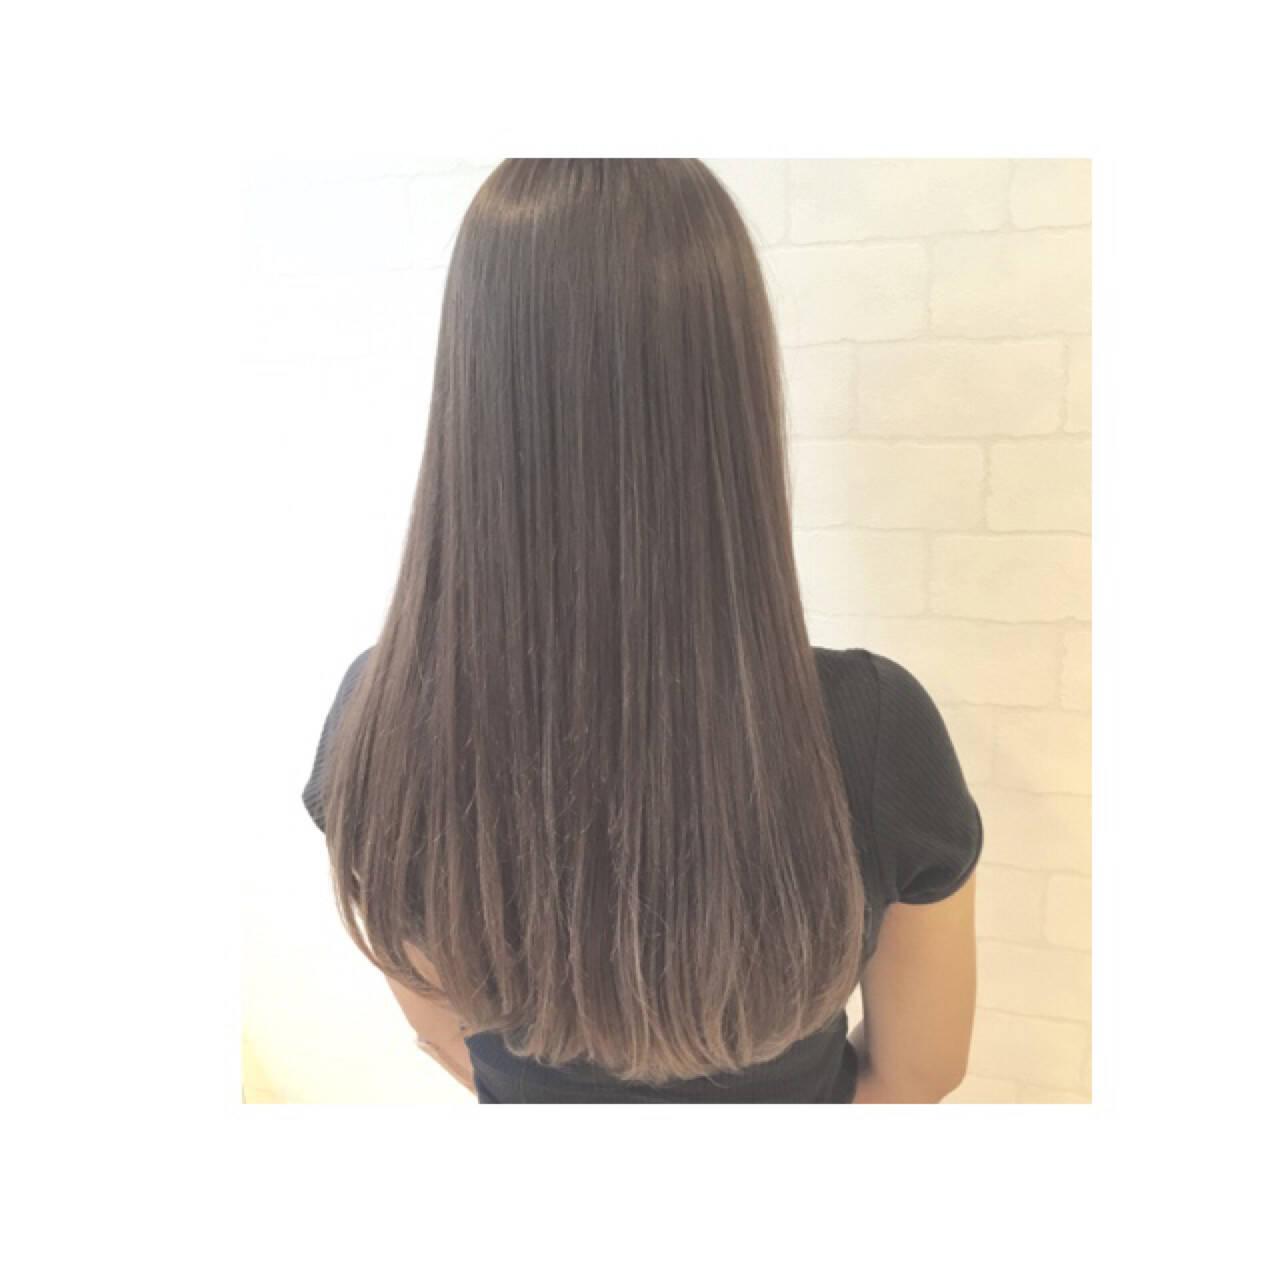 ロング ハイライト 大人かわいい グラデーションカラーヘアスタイルや髪型の写真・画像